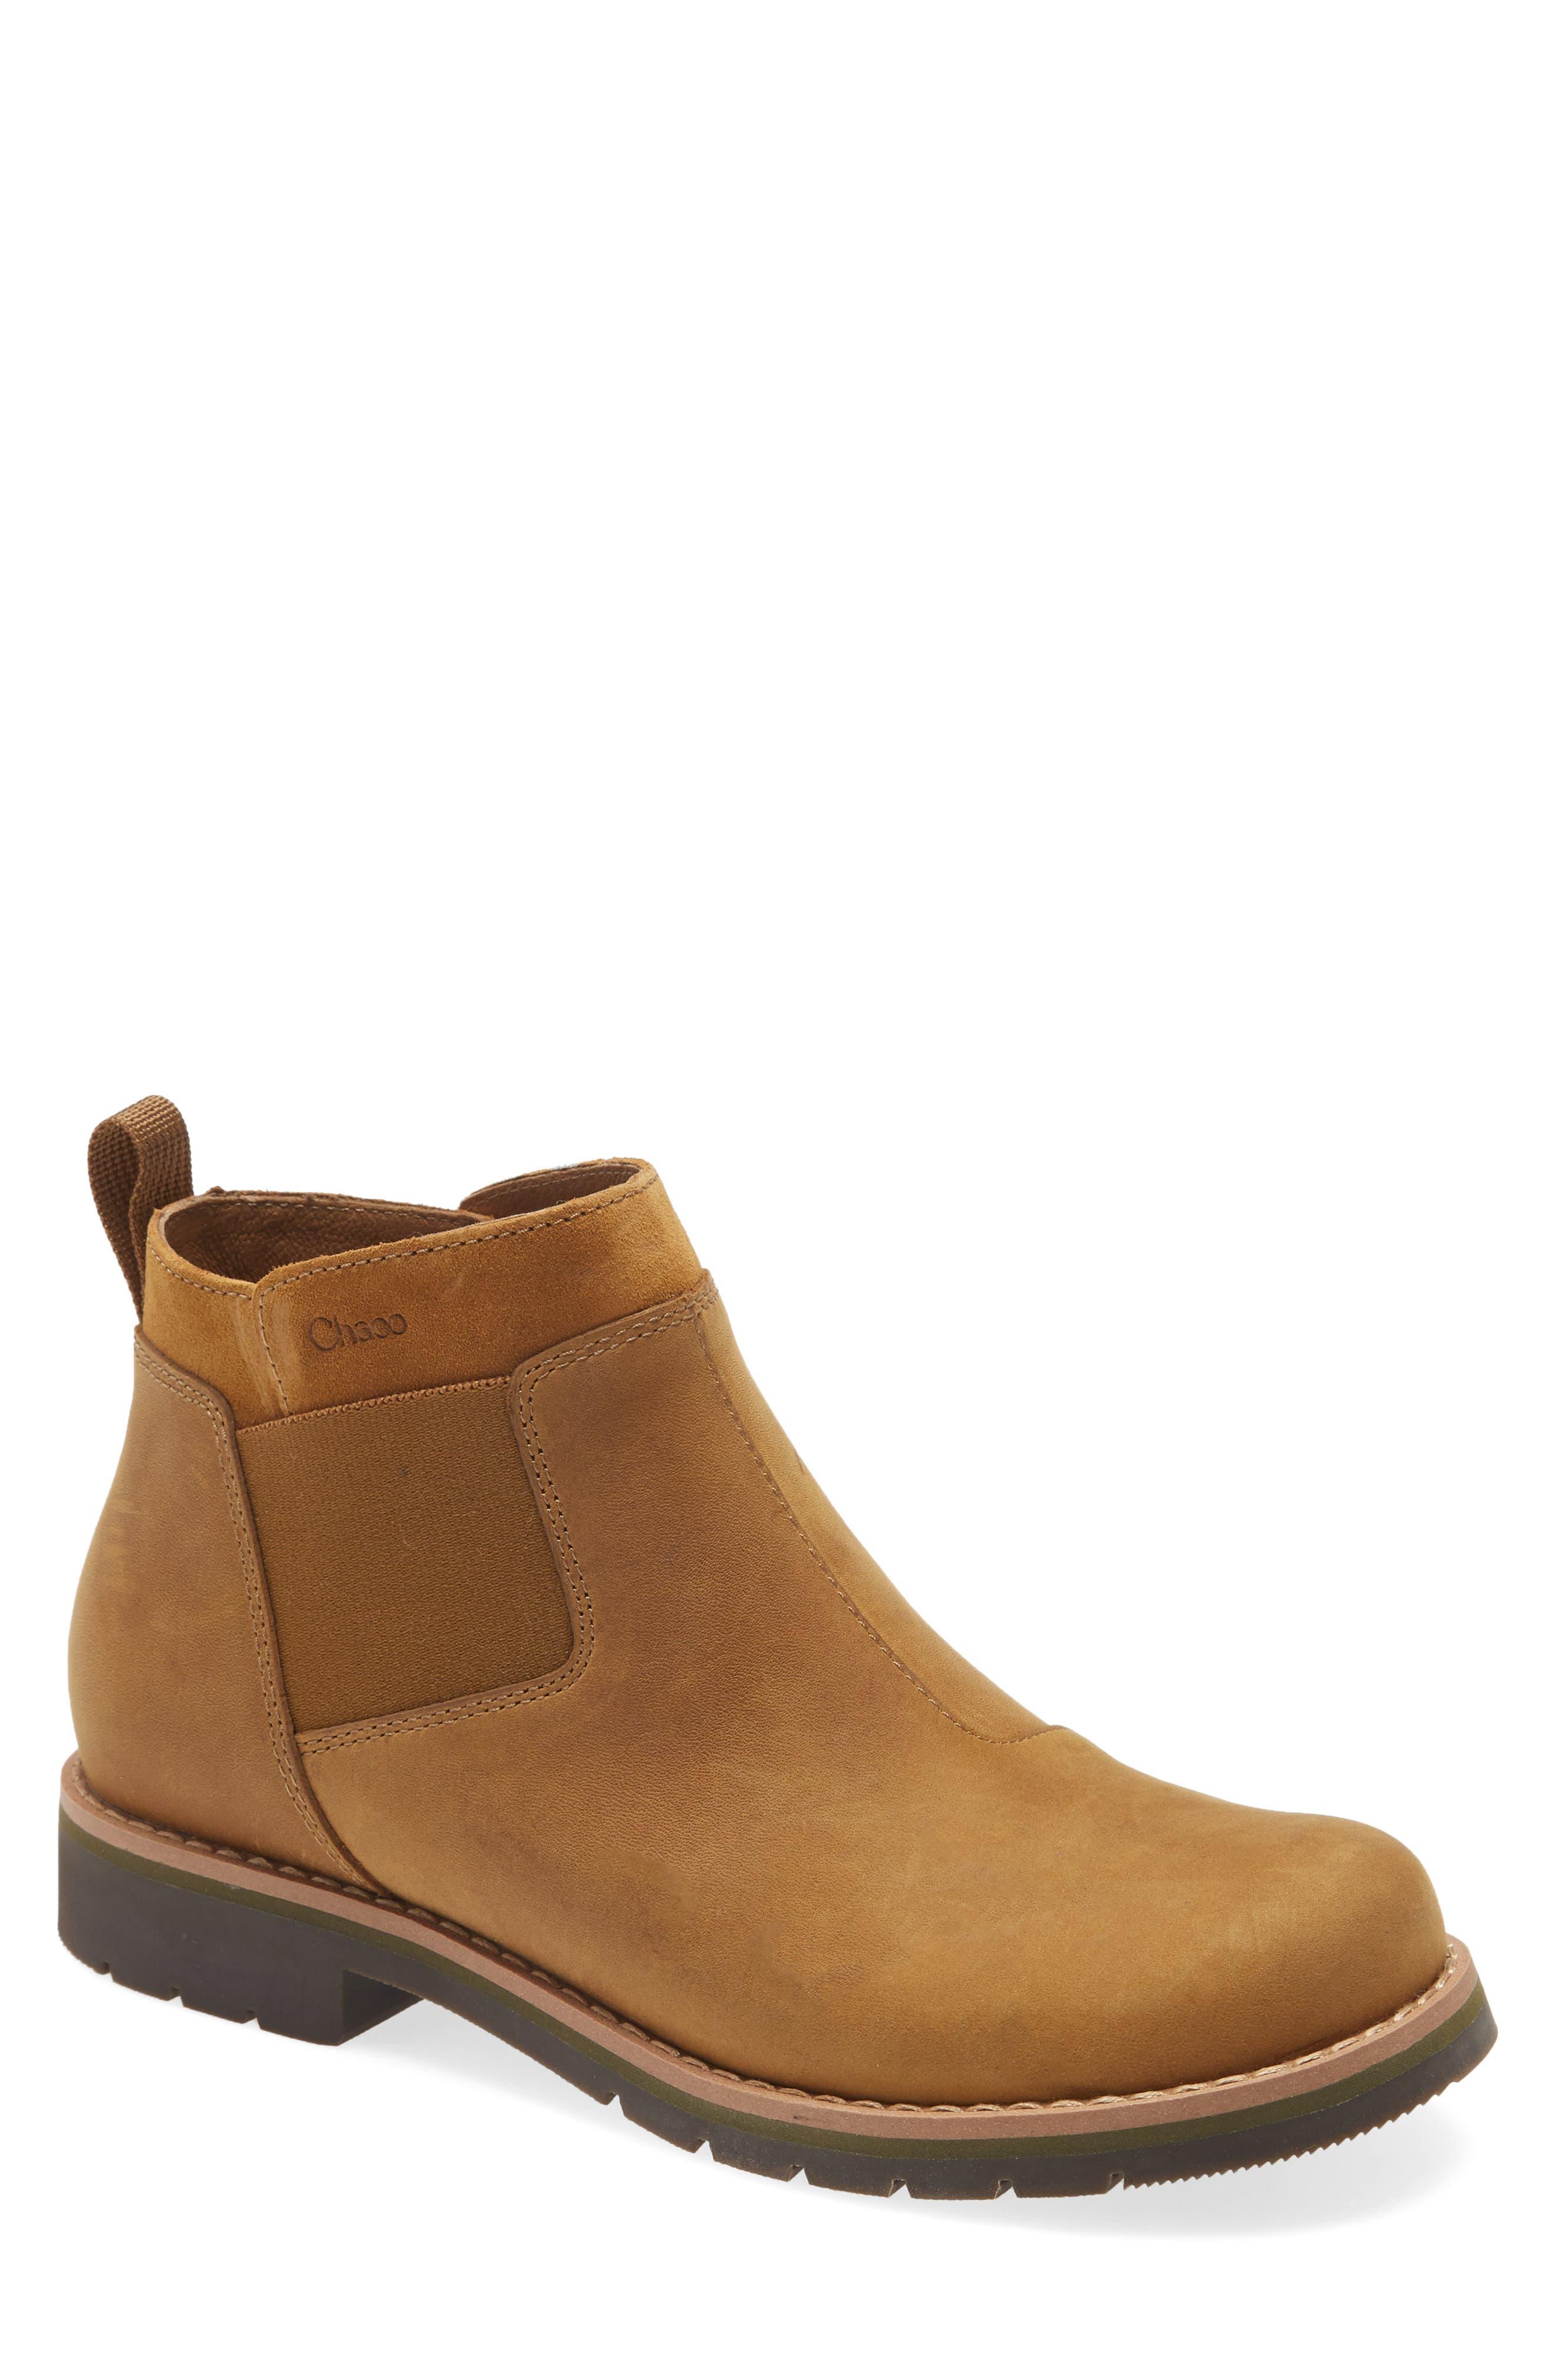 Cataluna Explorer Waterproof Chelsea Boot